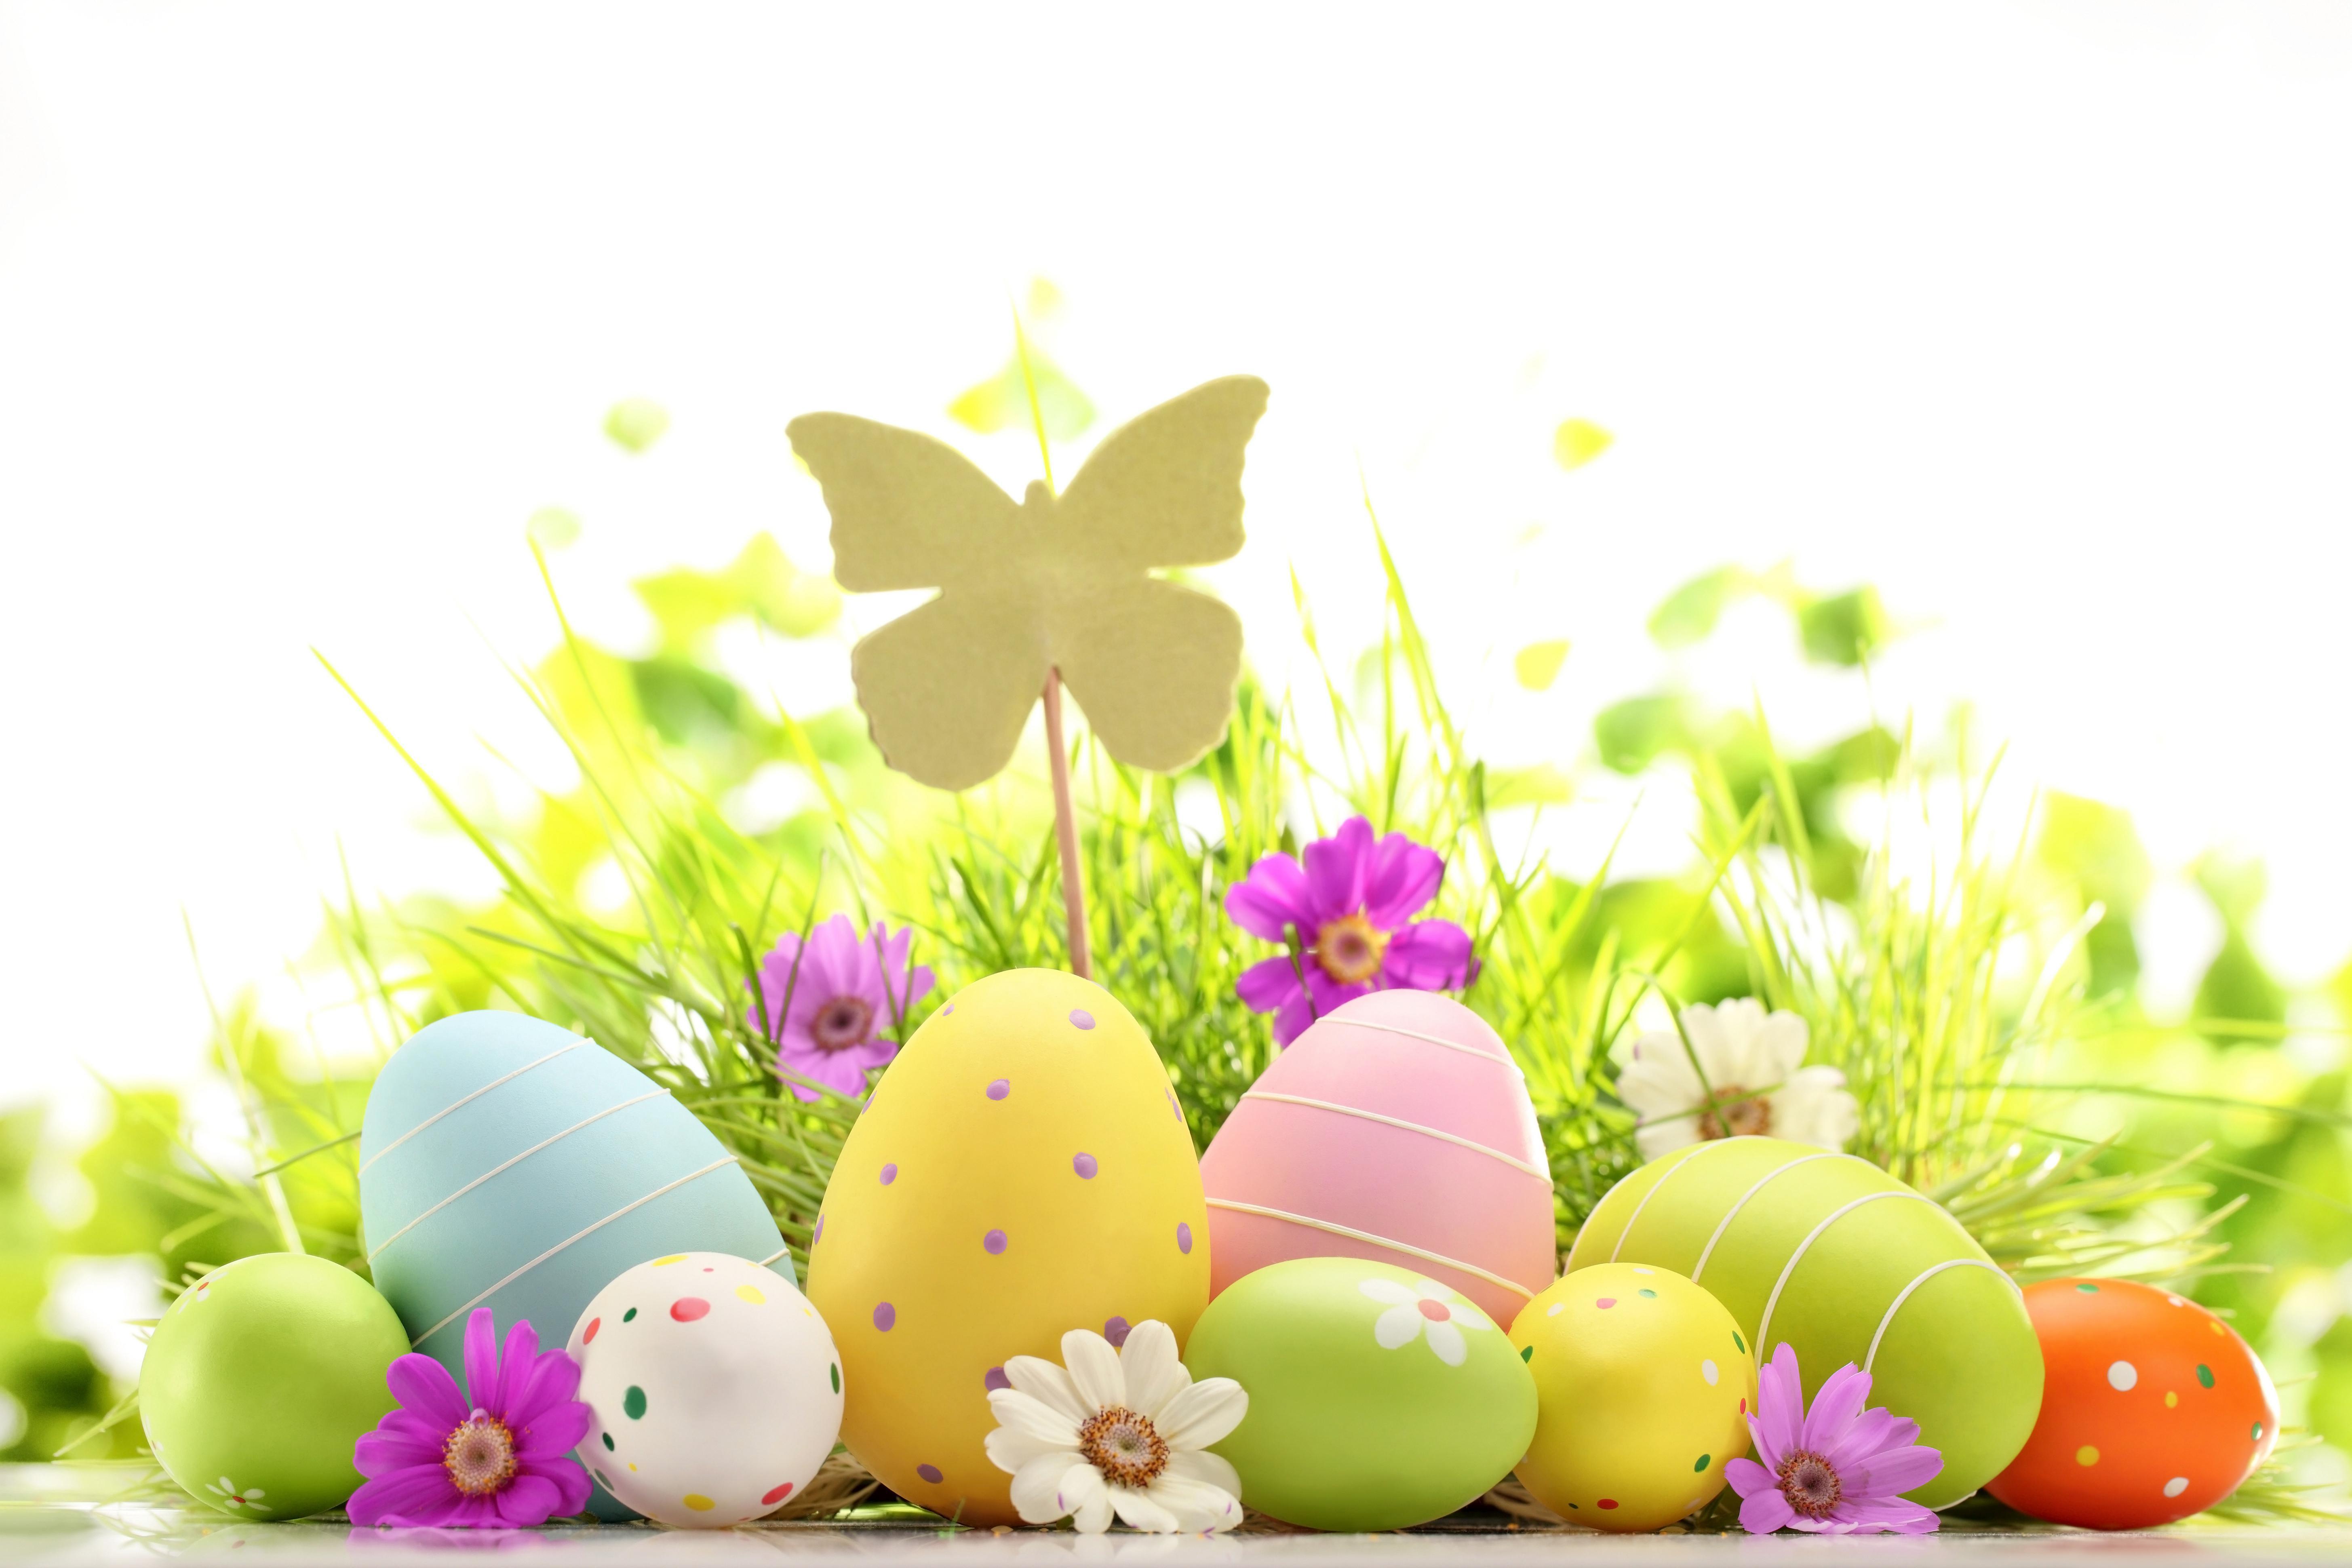 Easter Wallpaper 5   5820 X 3880 stmednet 5820x3880